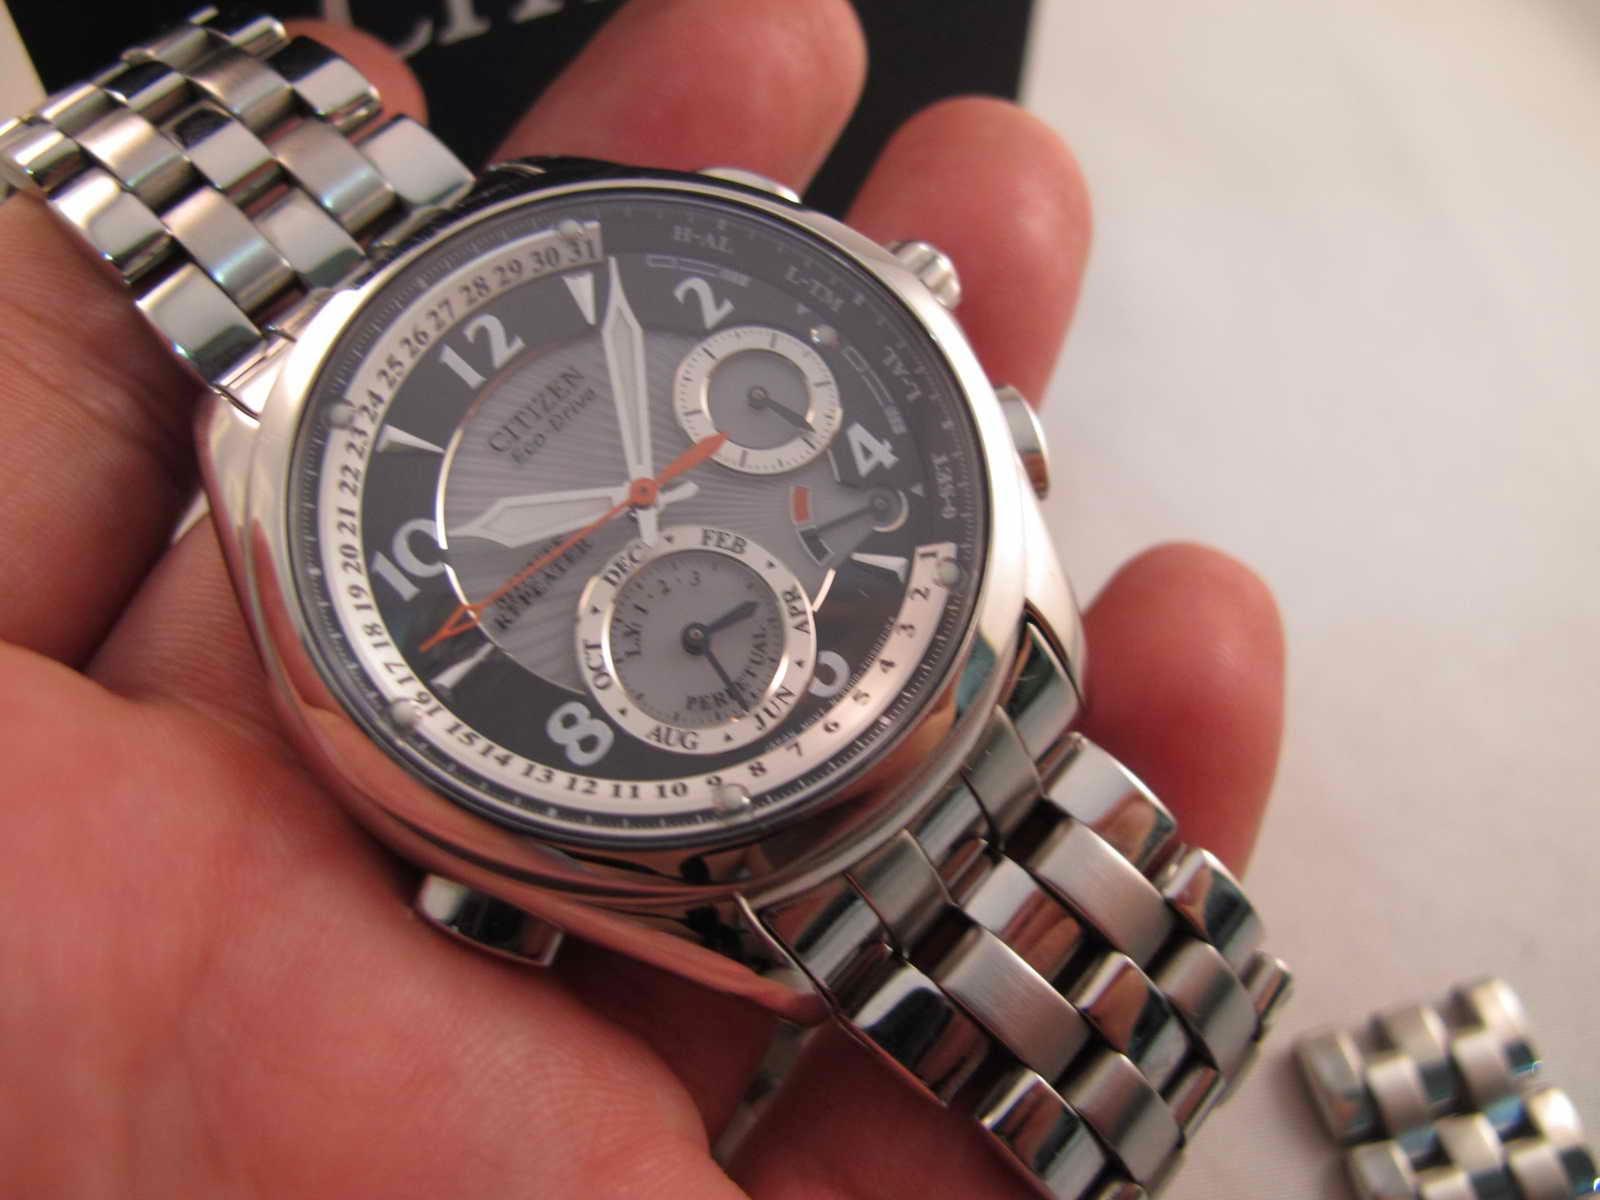 Kondisi Like Brand New in Box lengkap dengan box manual dan warranty card Cocok untuk Anda yang sedang mencari jam tangan tenaga SInar ECO DRIVE